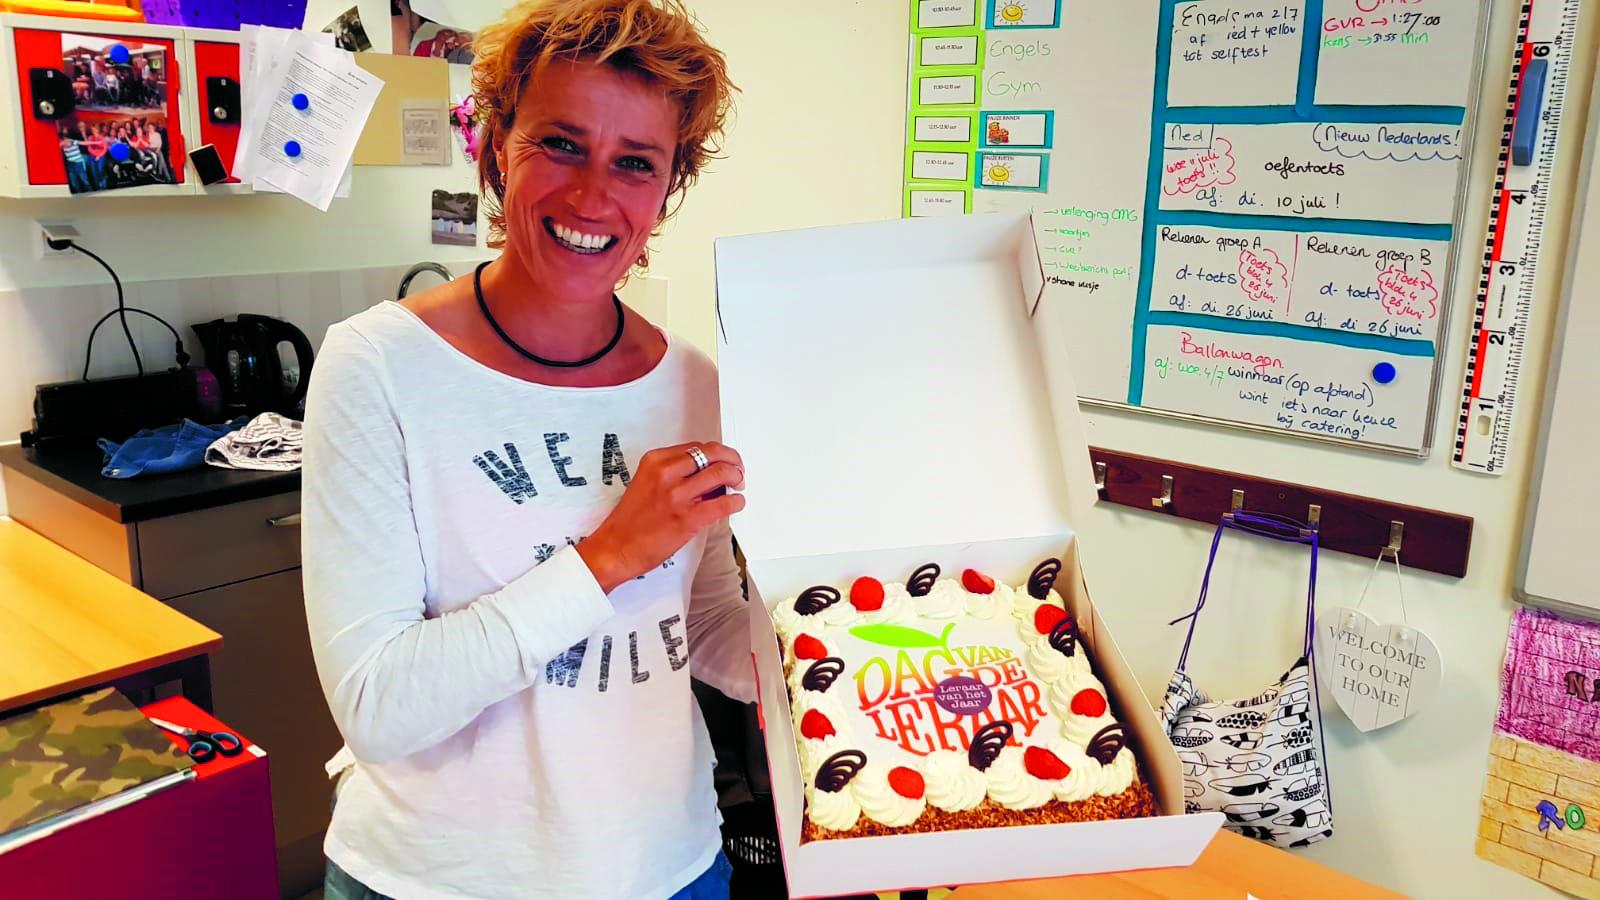 Begin juli werd de Alkmaarse Esther Wokke nog verrast met taart omdat ze een van de veertig genomineerde leraren was voor de verkiezing 'Leraar van het jaar 2018'. (Foto: aangeleverd)